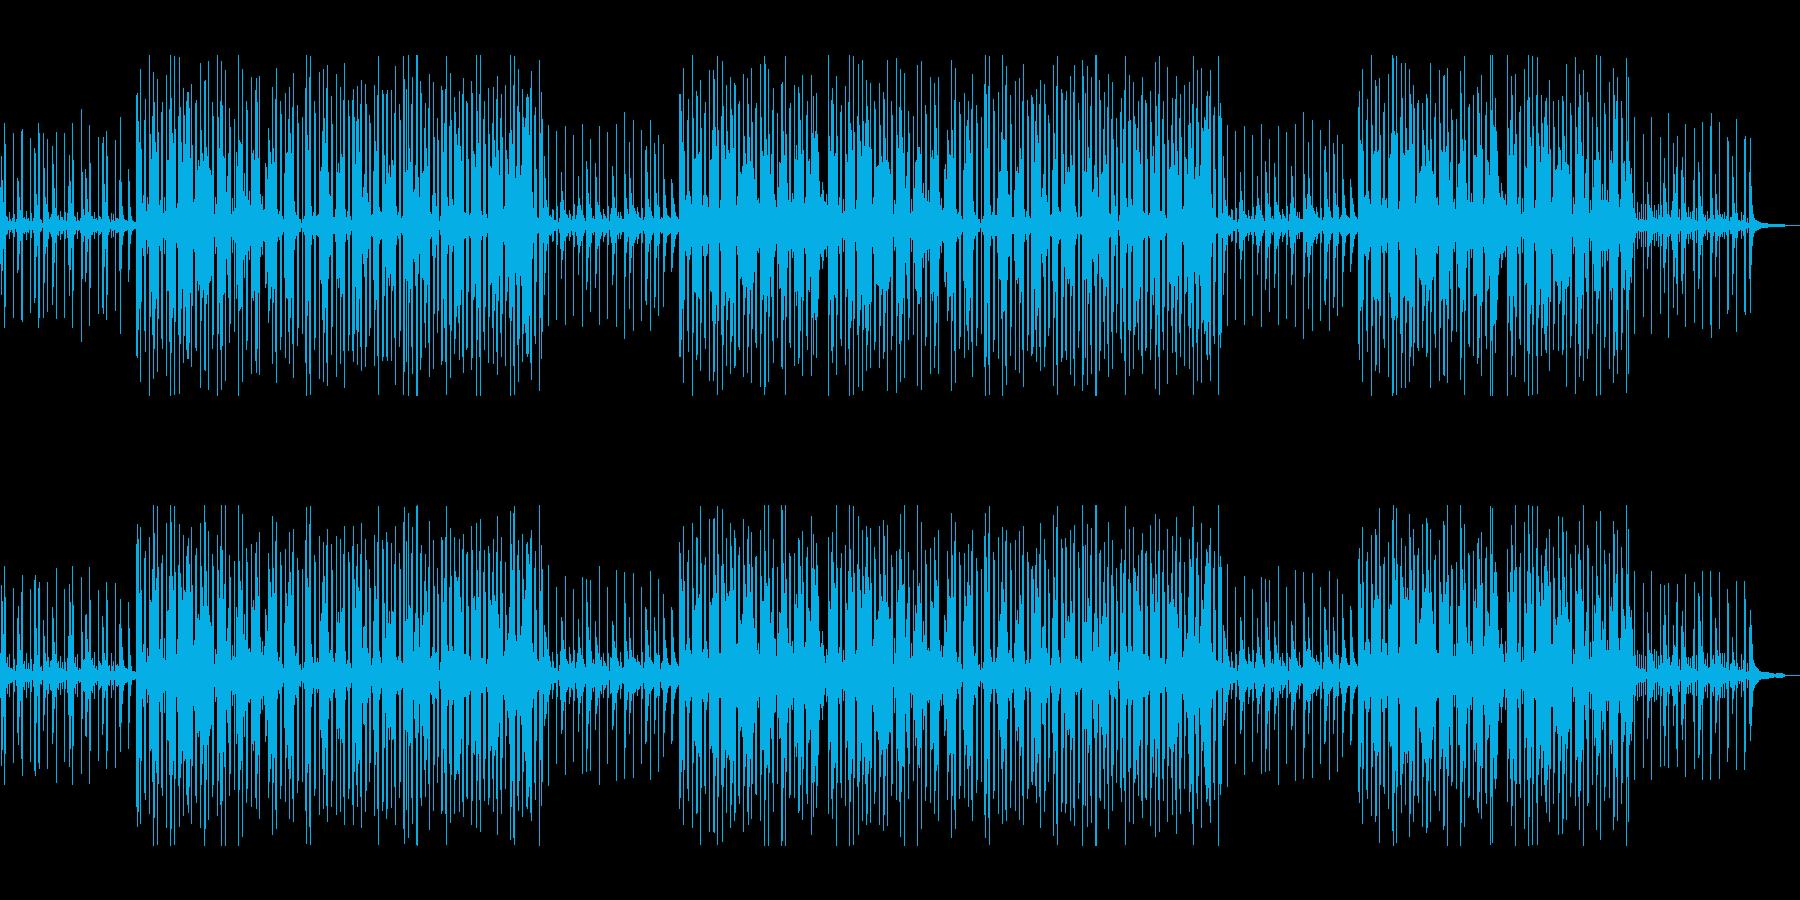 しっとりとしたジャズヒップホップ・ピアノの再生済みの波形